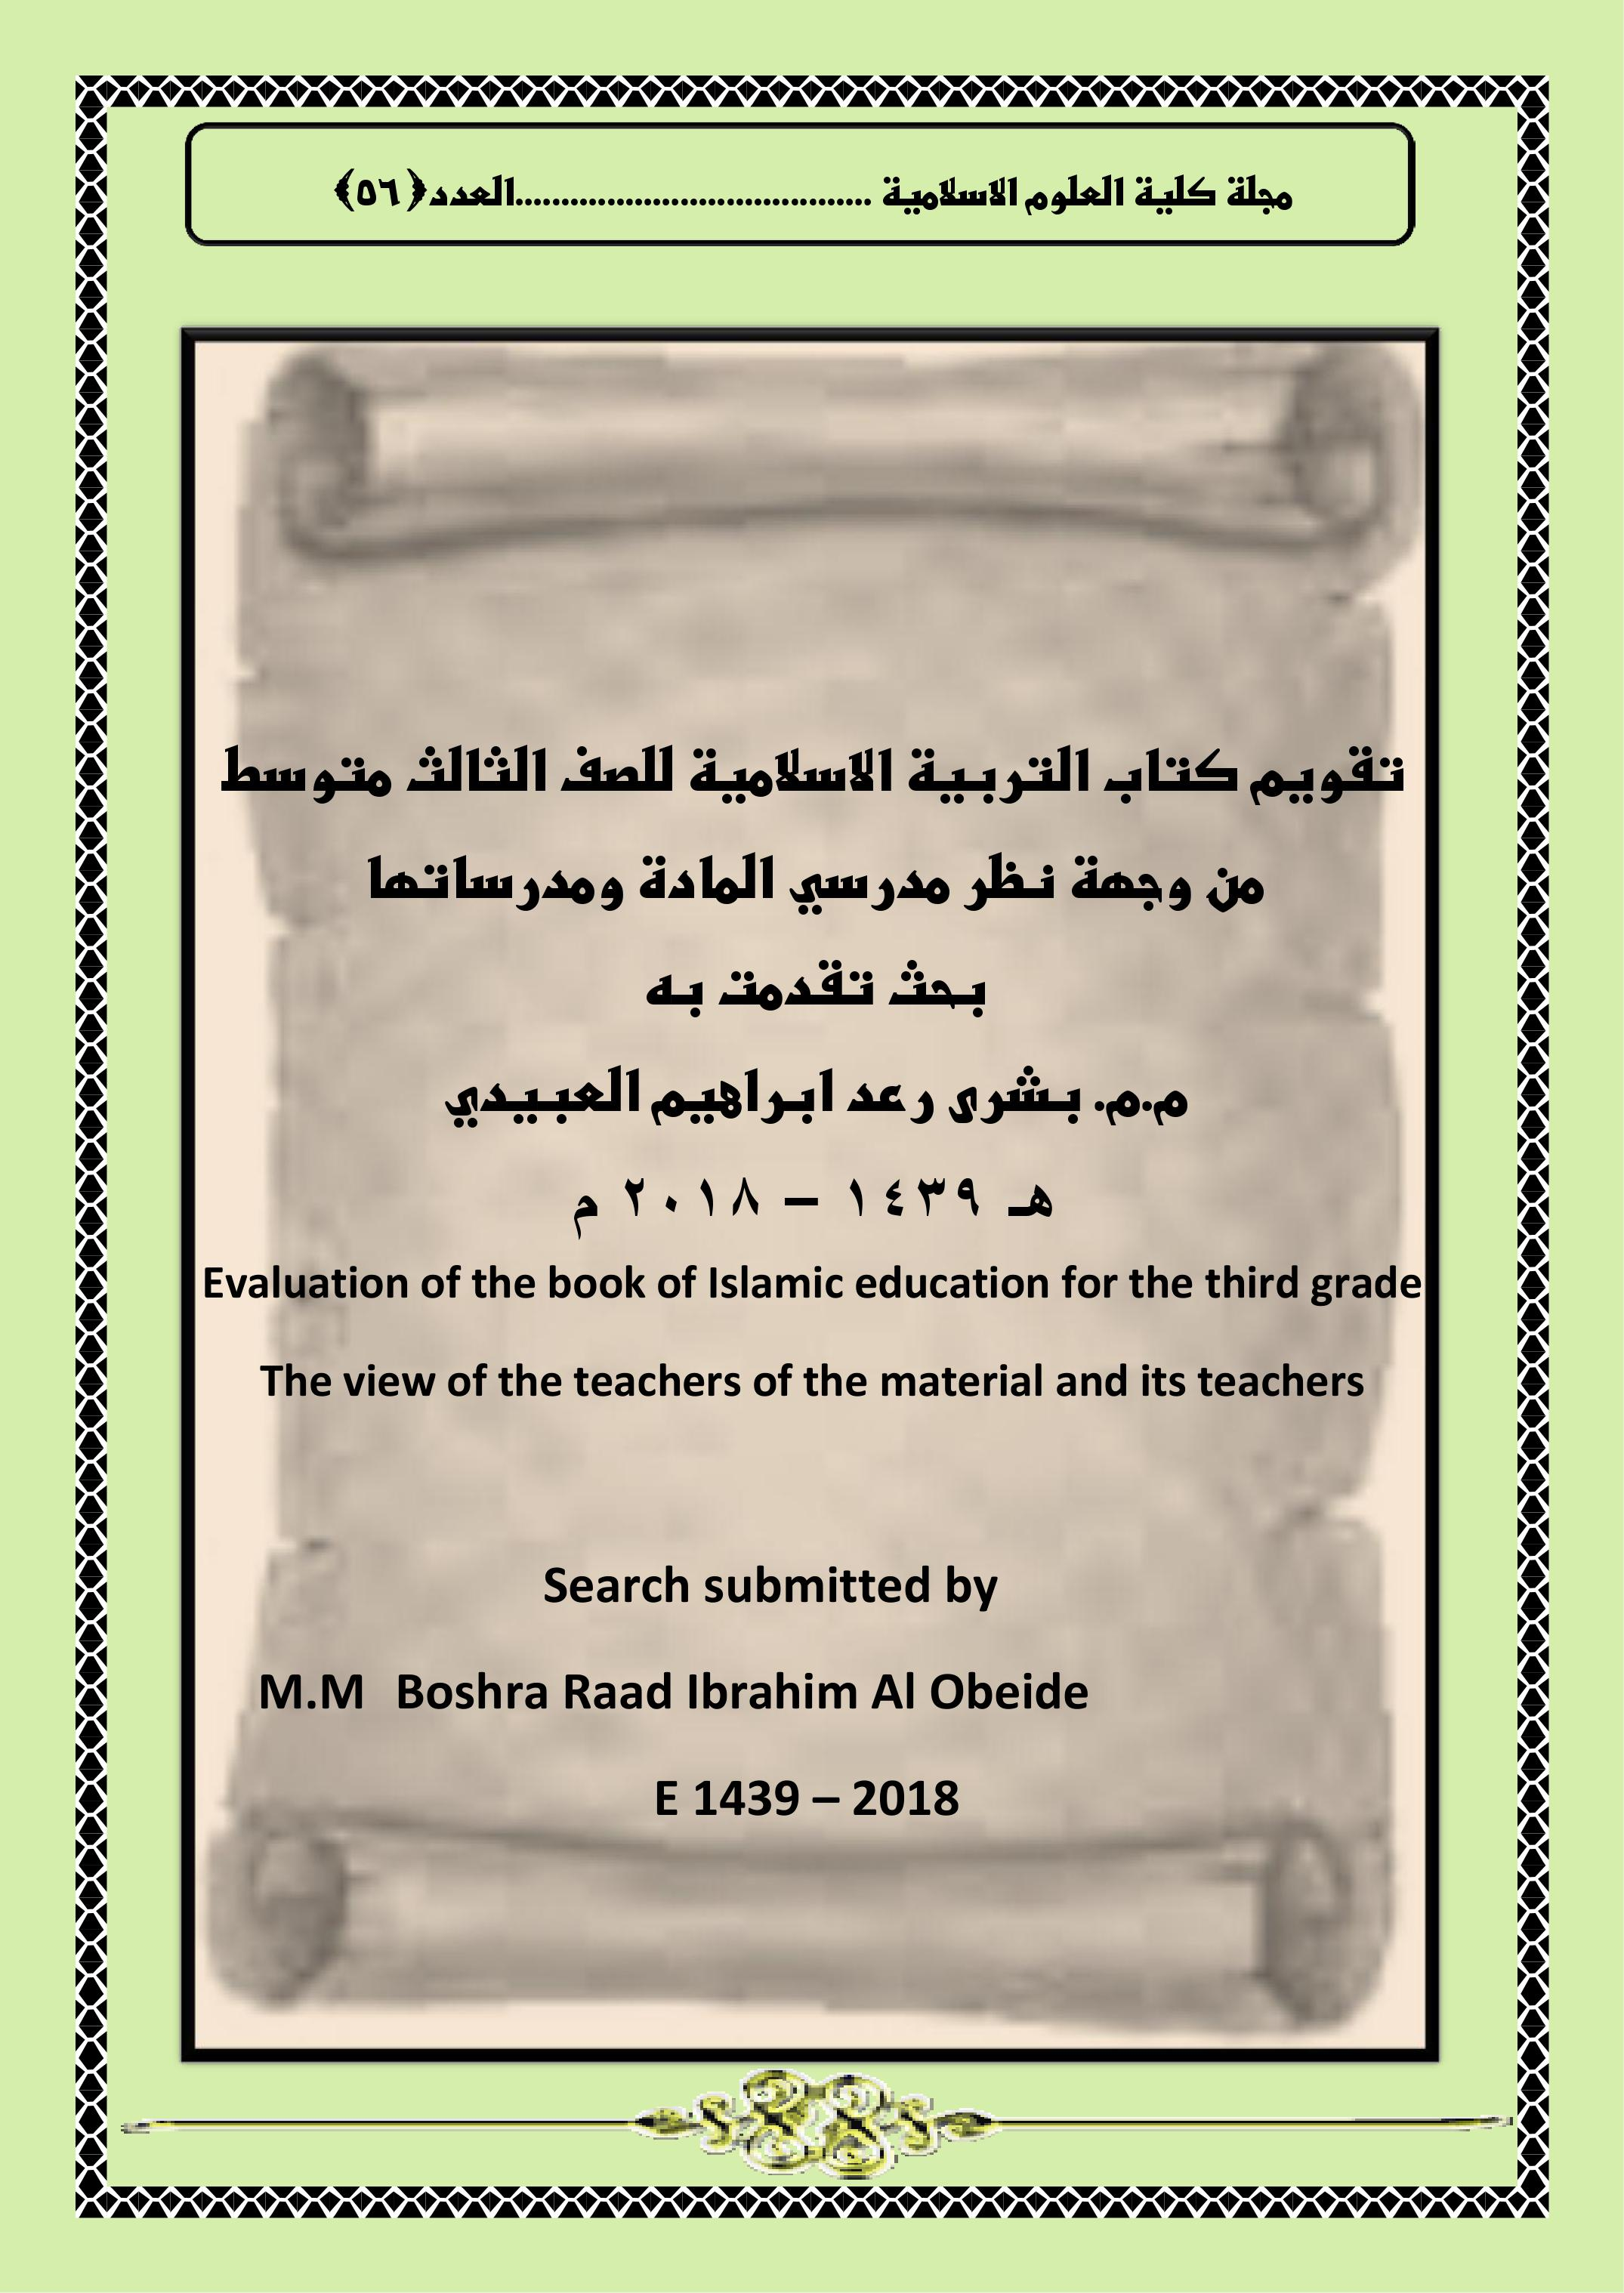 تقويم كتاب التربية الاسلامية للصف الثالث متوسط من وجهة نظر مدرسي المادة ومدرساتها